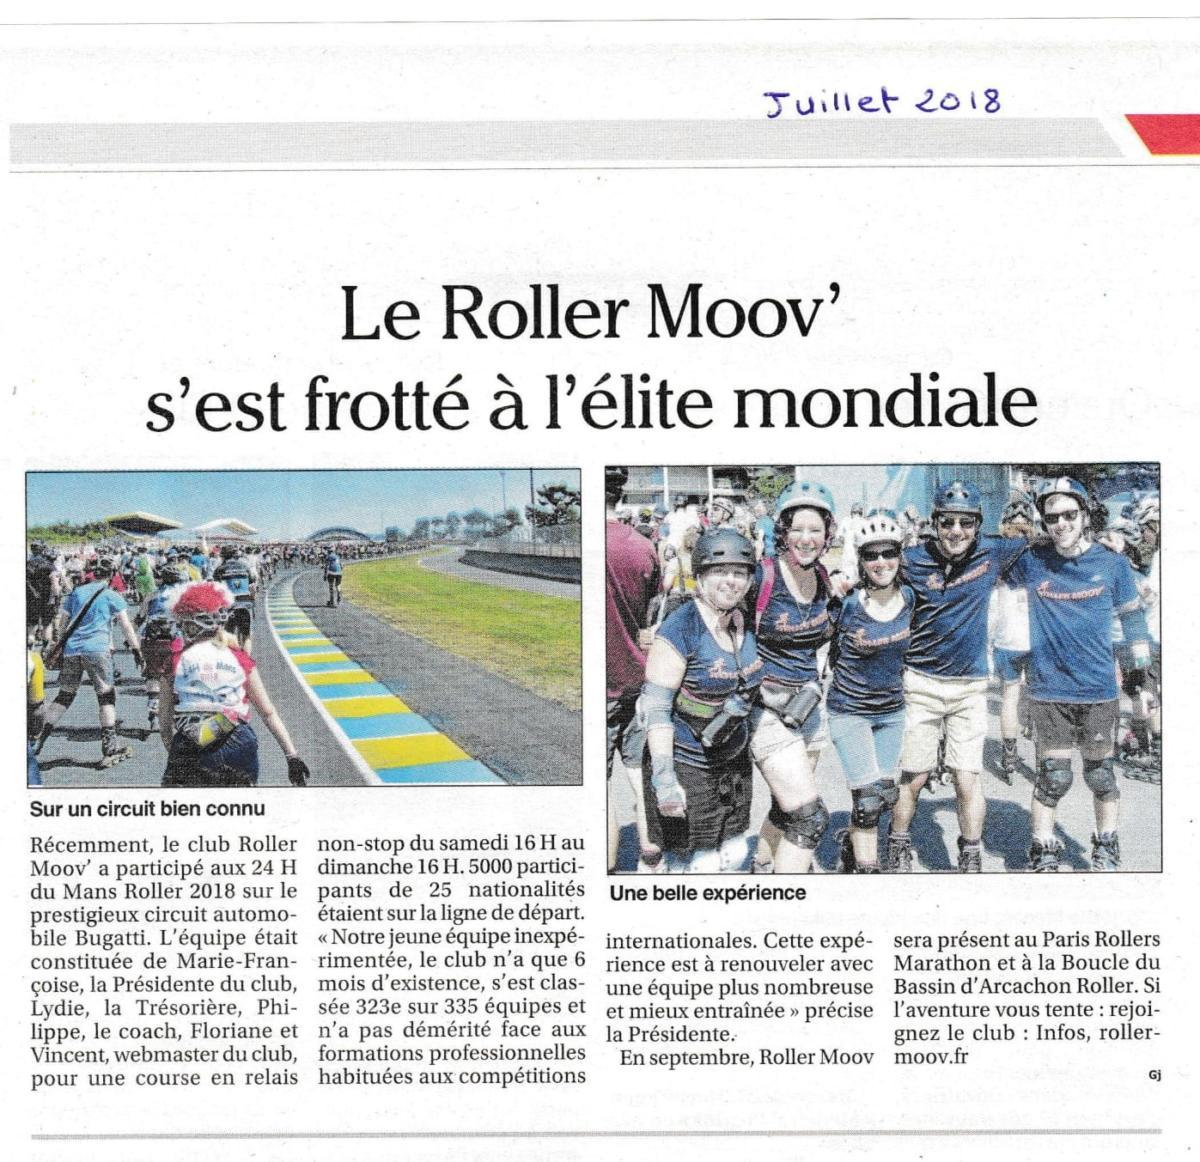 Le Roller Moov' s'est frotté à l'élite mondiale